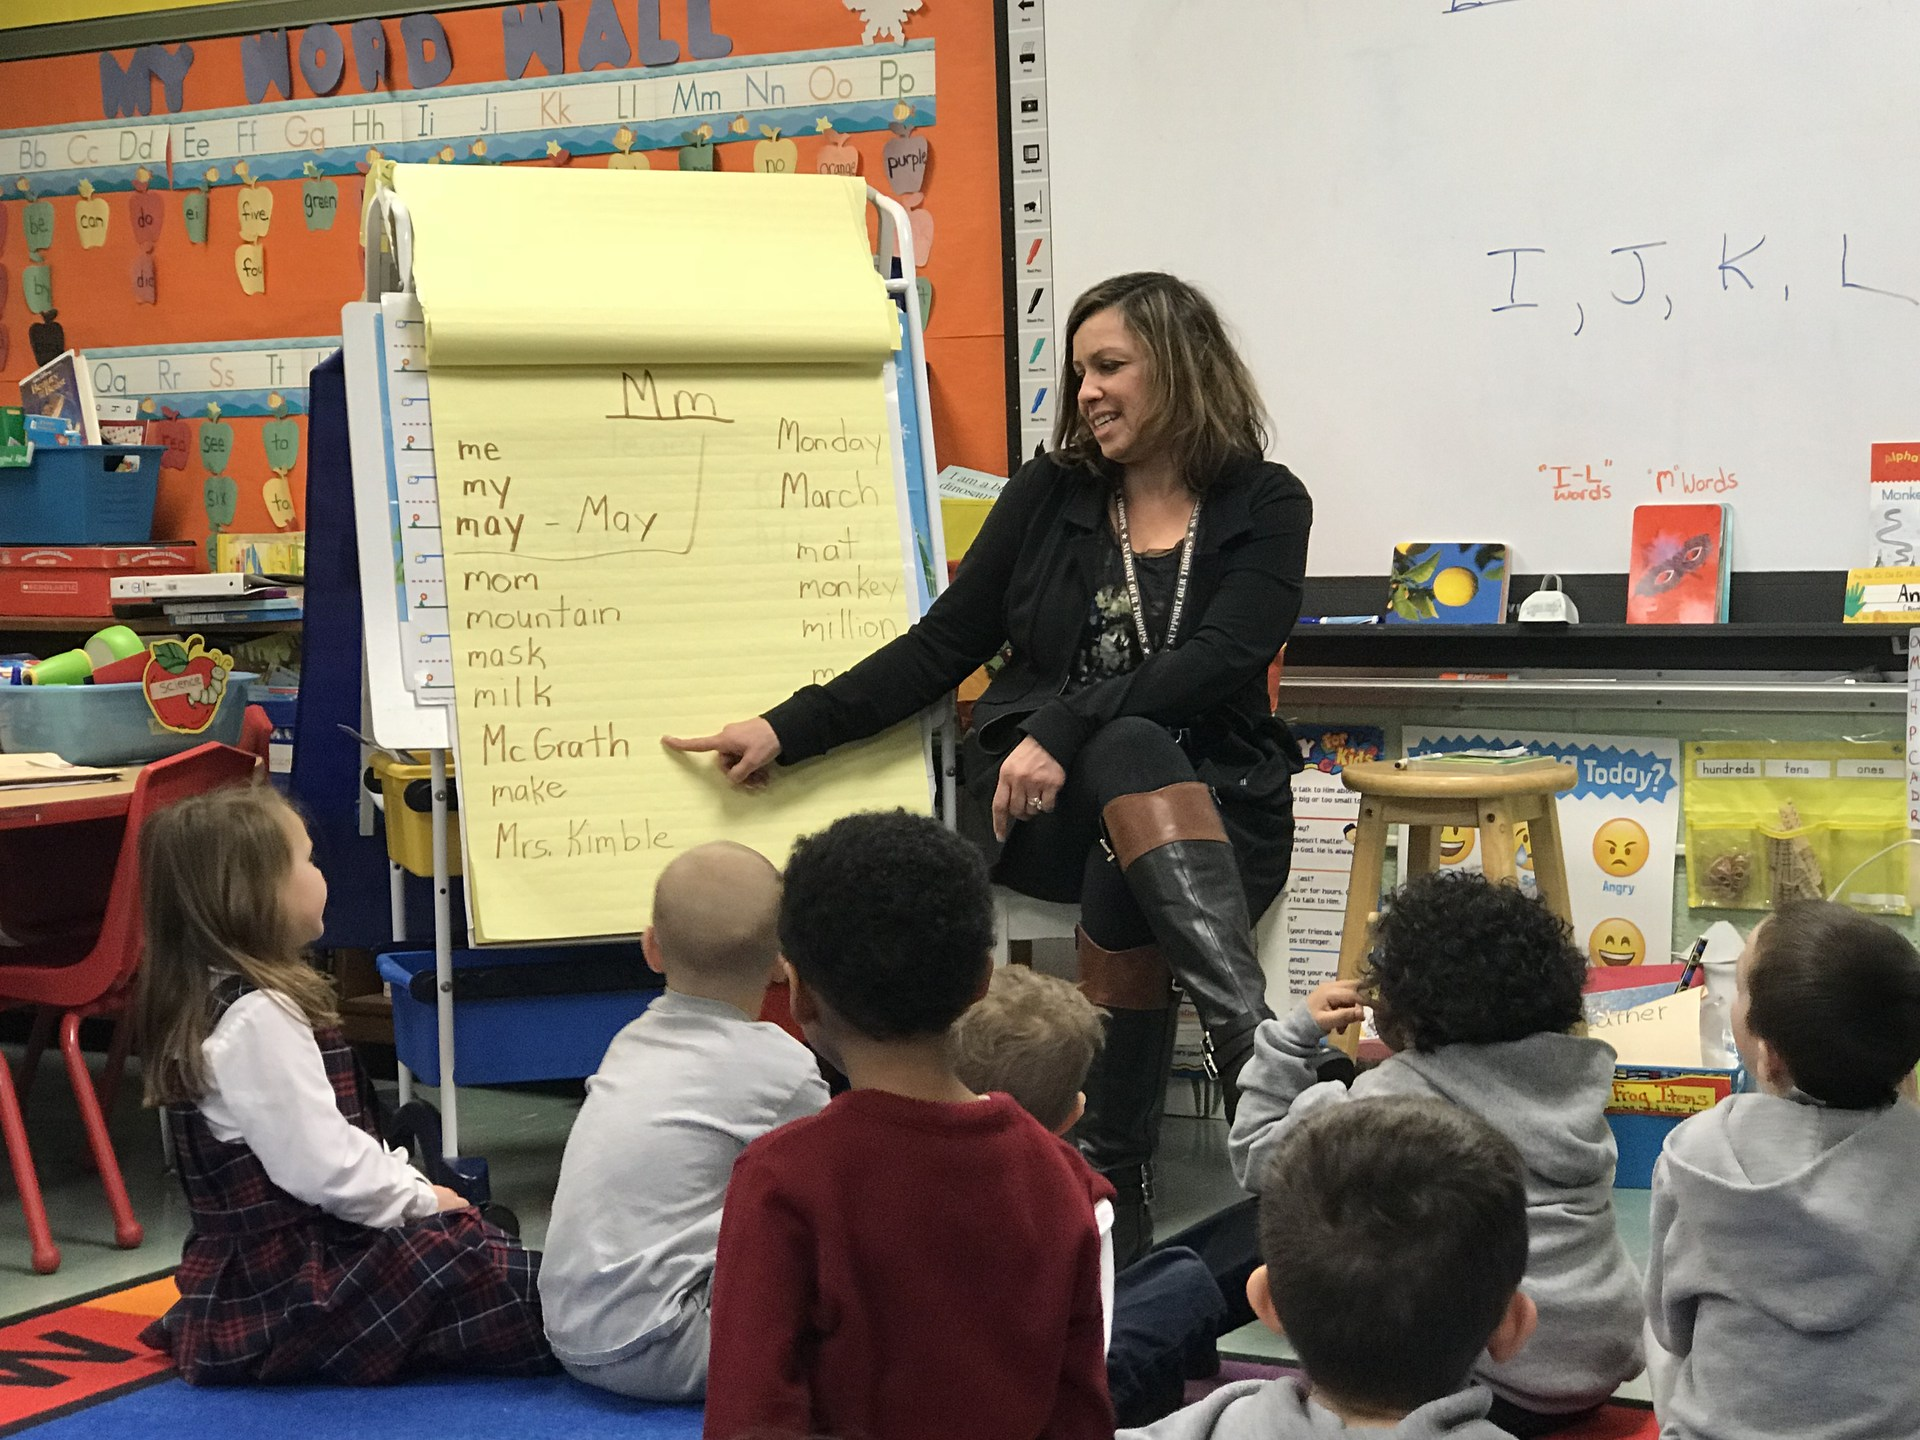 Pre-Kindergarten teacher showing students how to spell words